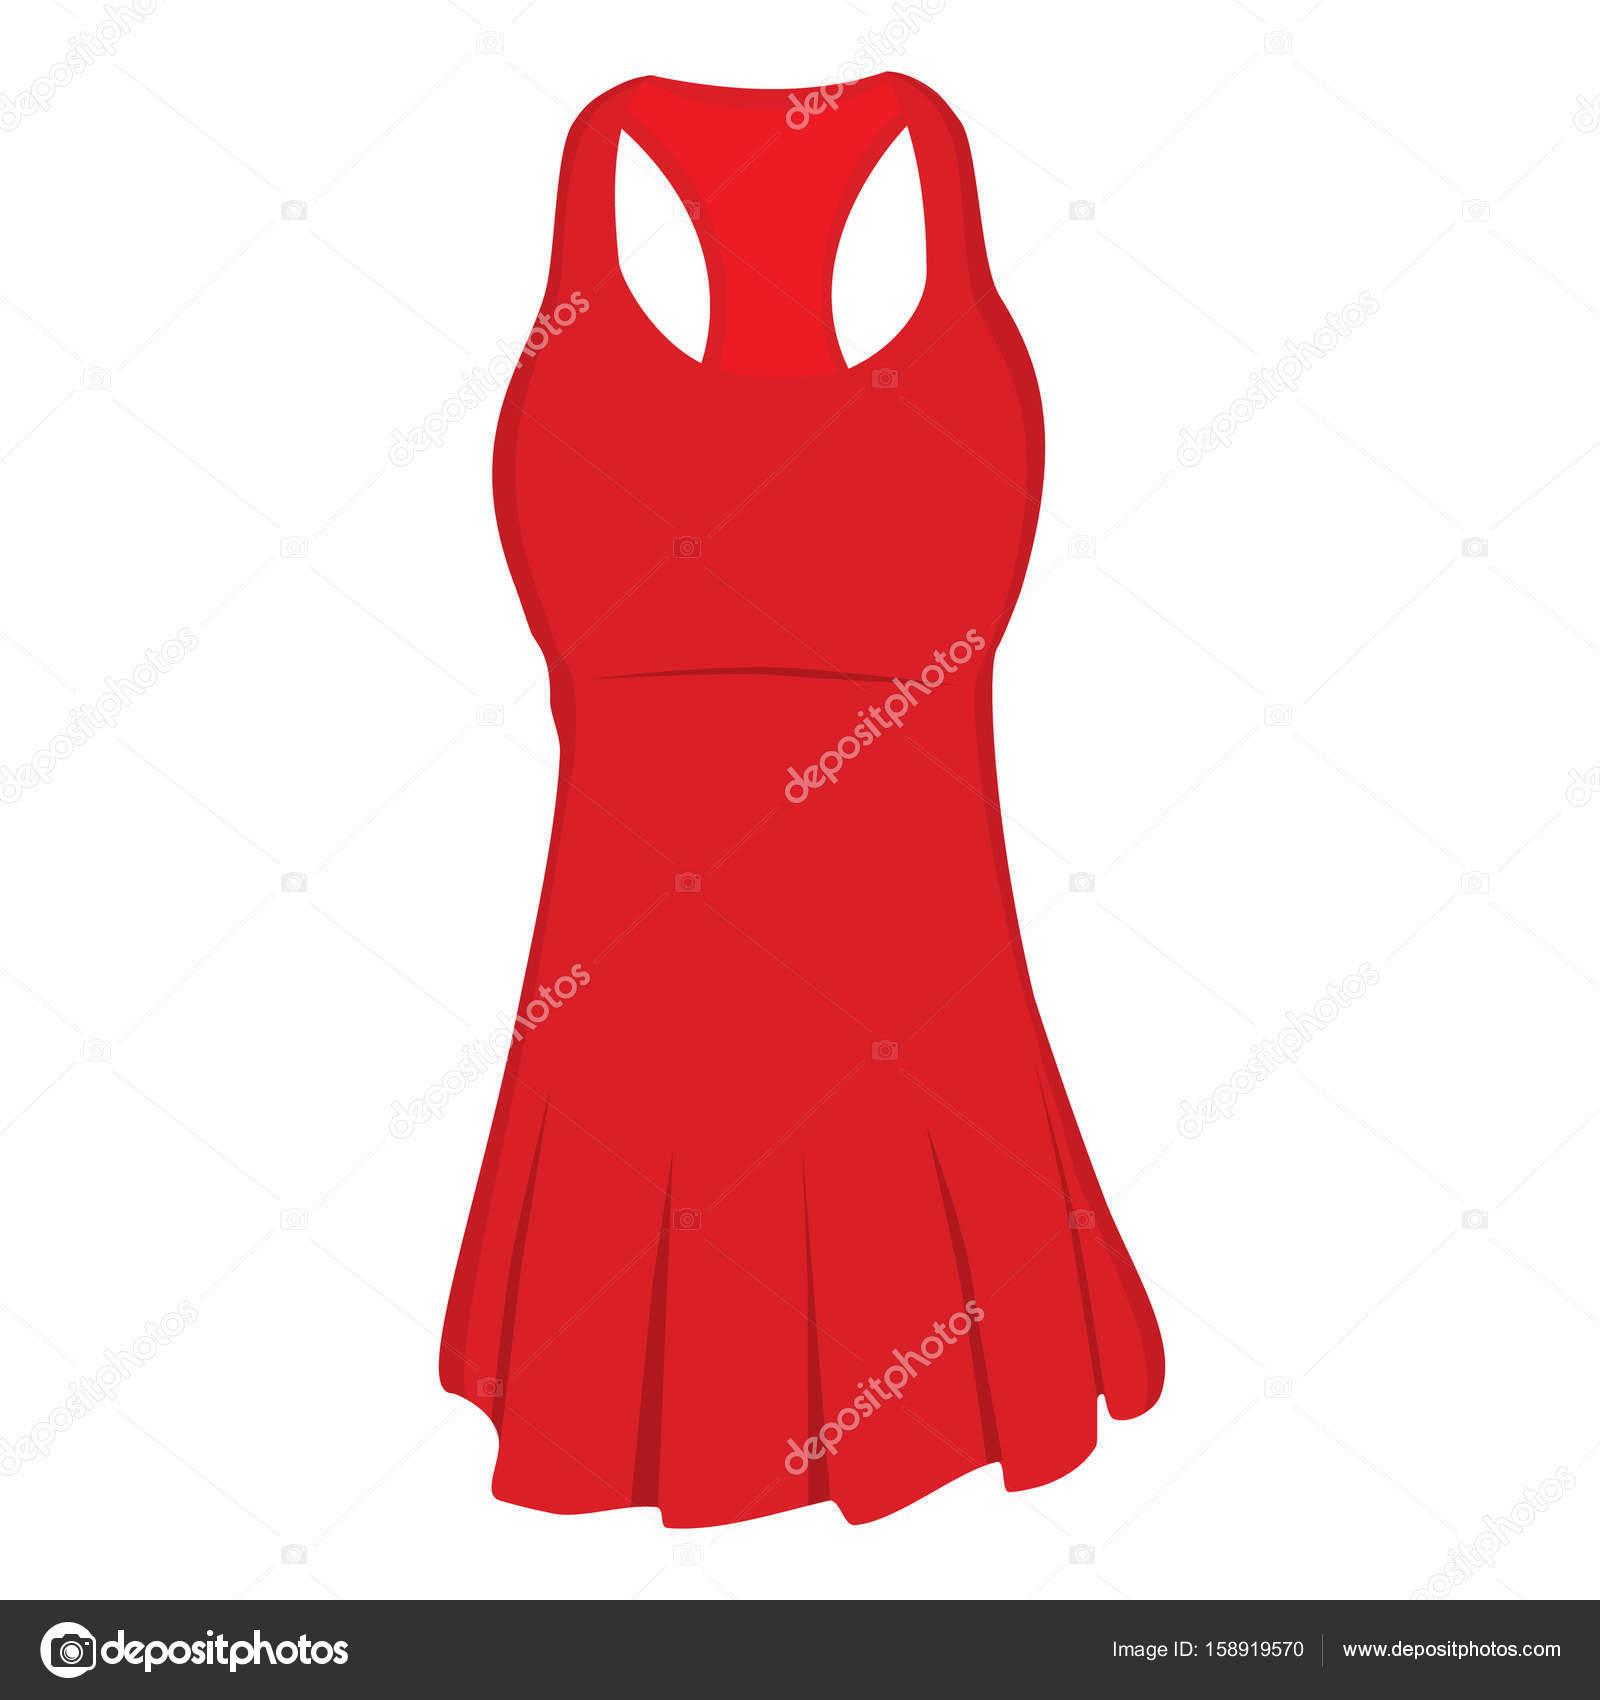 e2d08dba06 Tenis sukienki rastrowych — Zdjęcie stockowe © viktorijareut  158919570